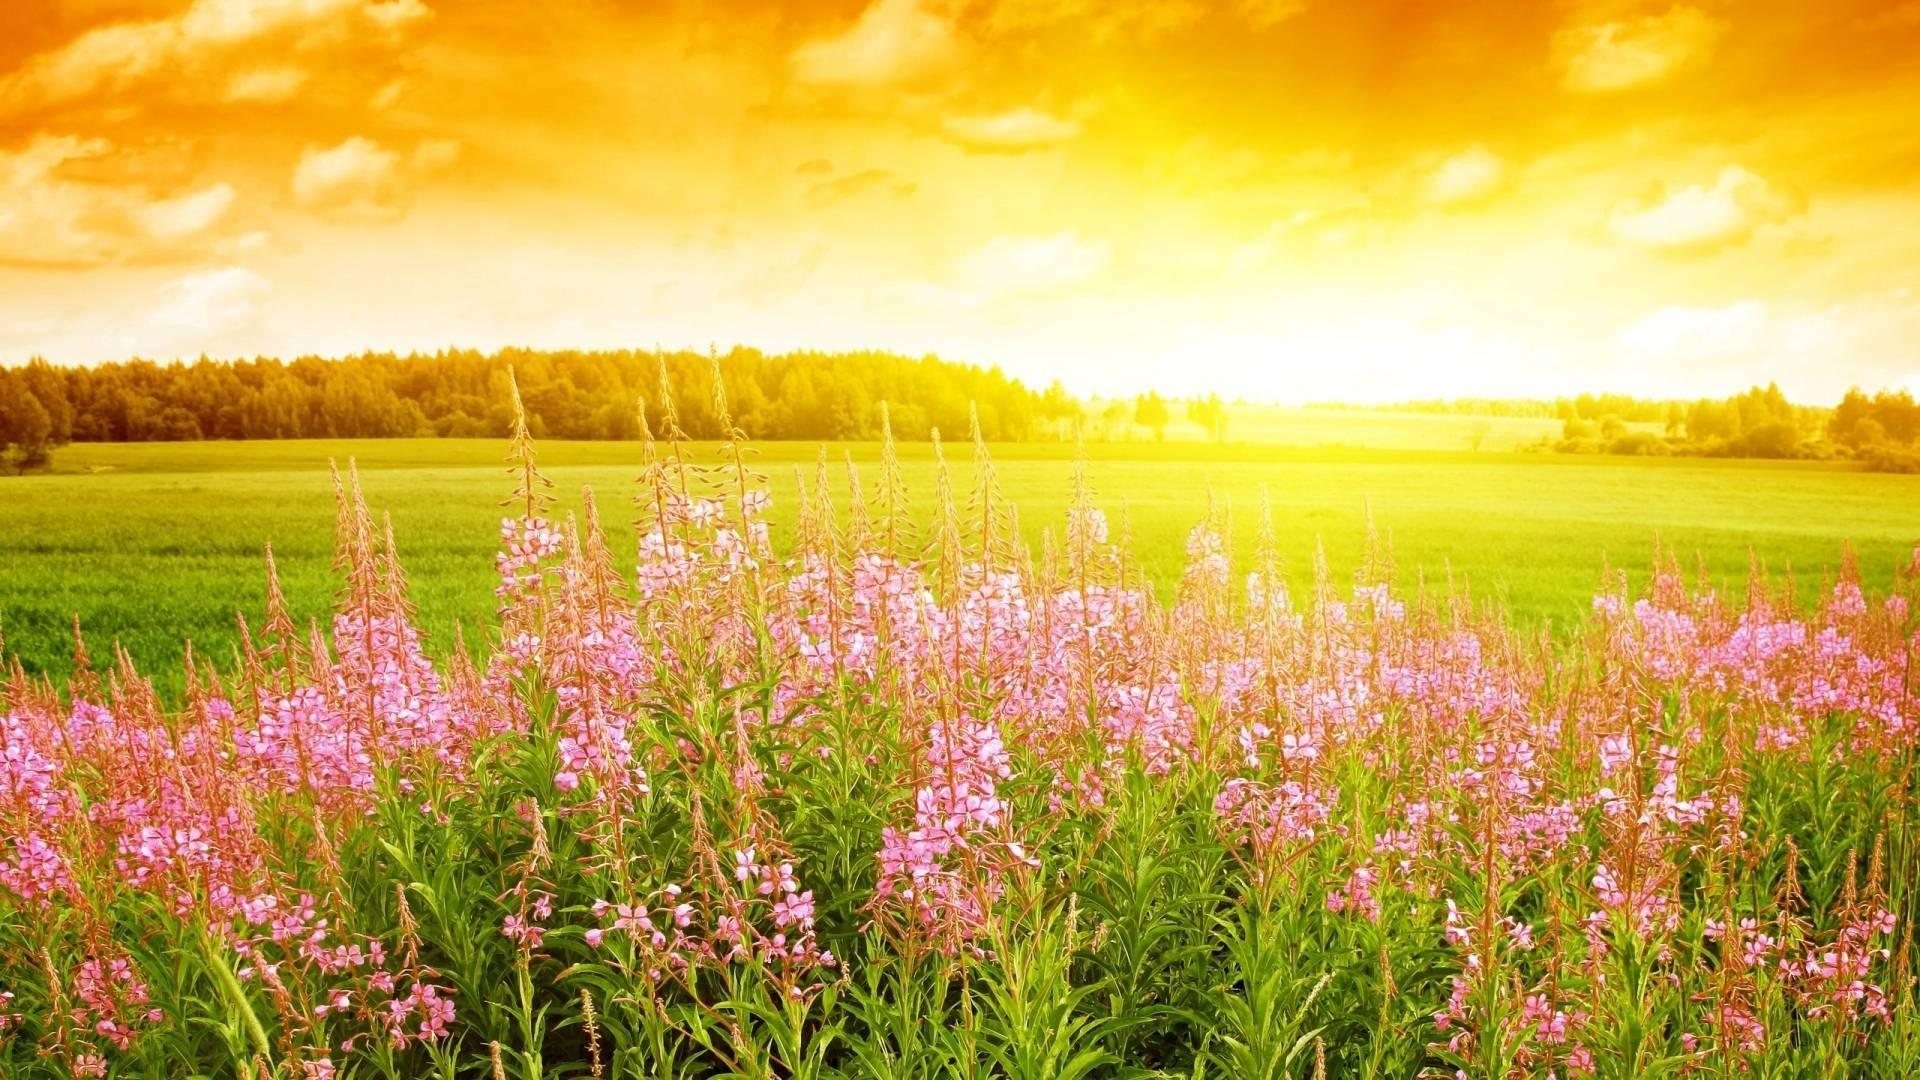 Summer Flowers Wallpaper HD Windows The Wallpaper